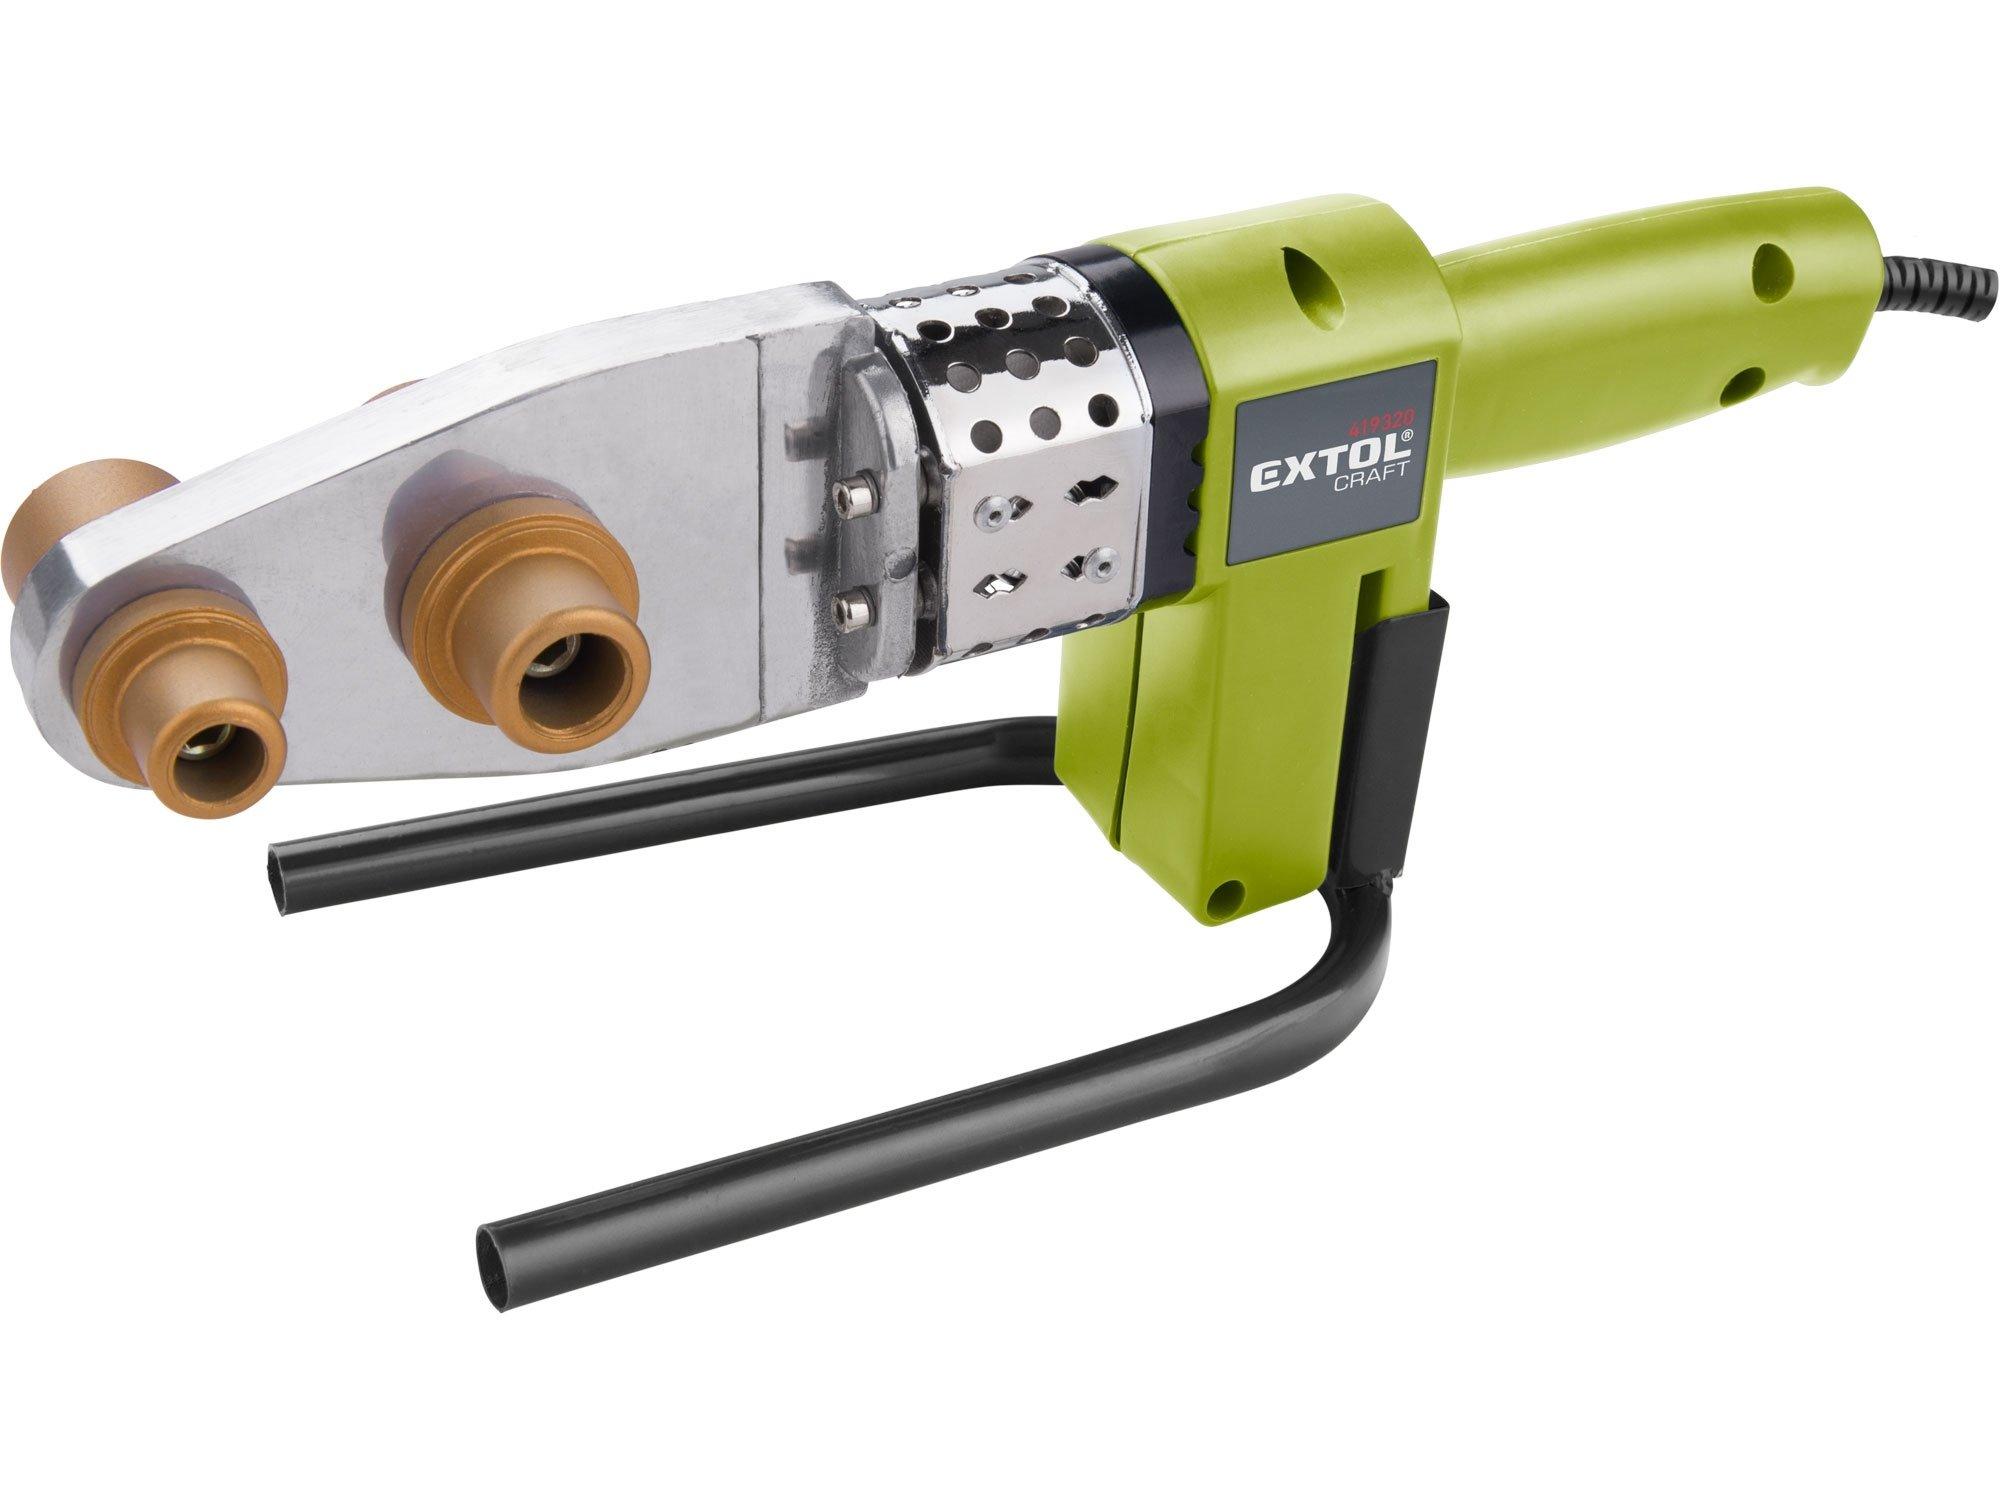 Extol Craft 419320 svářečka polyfúzní nožová 3x nástavec v kufru